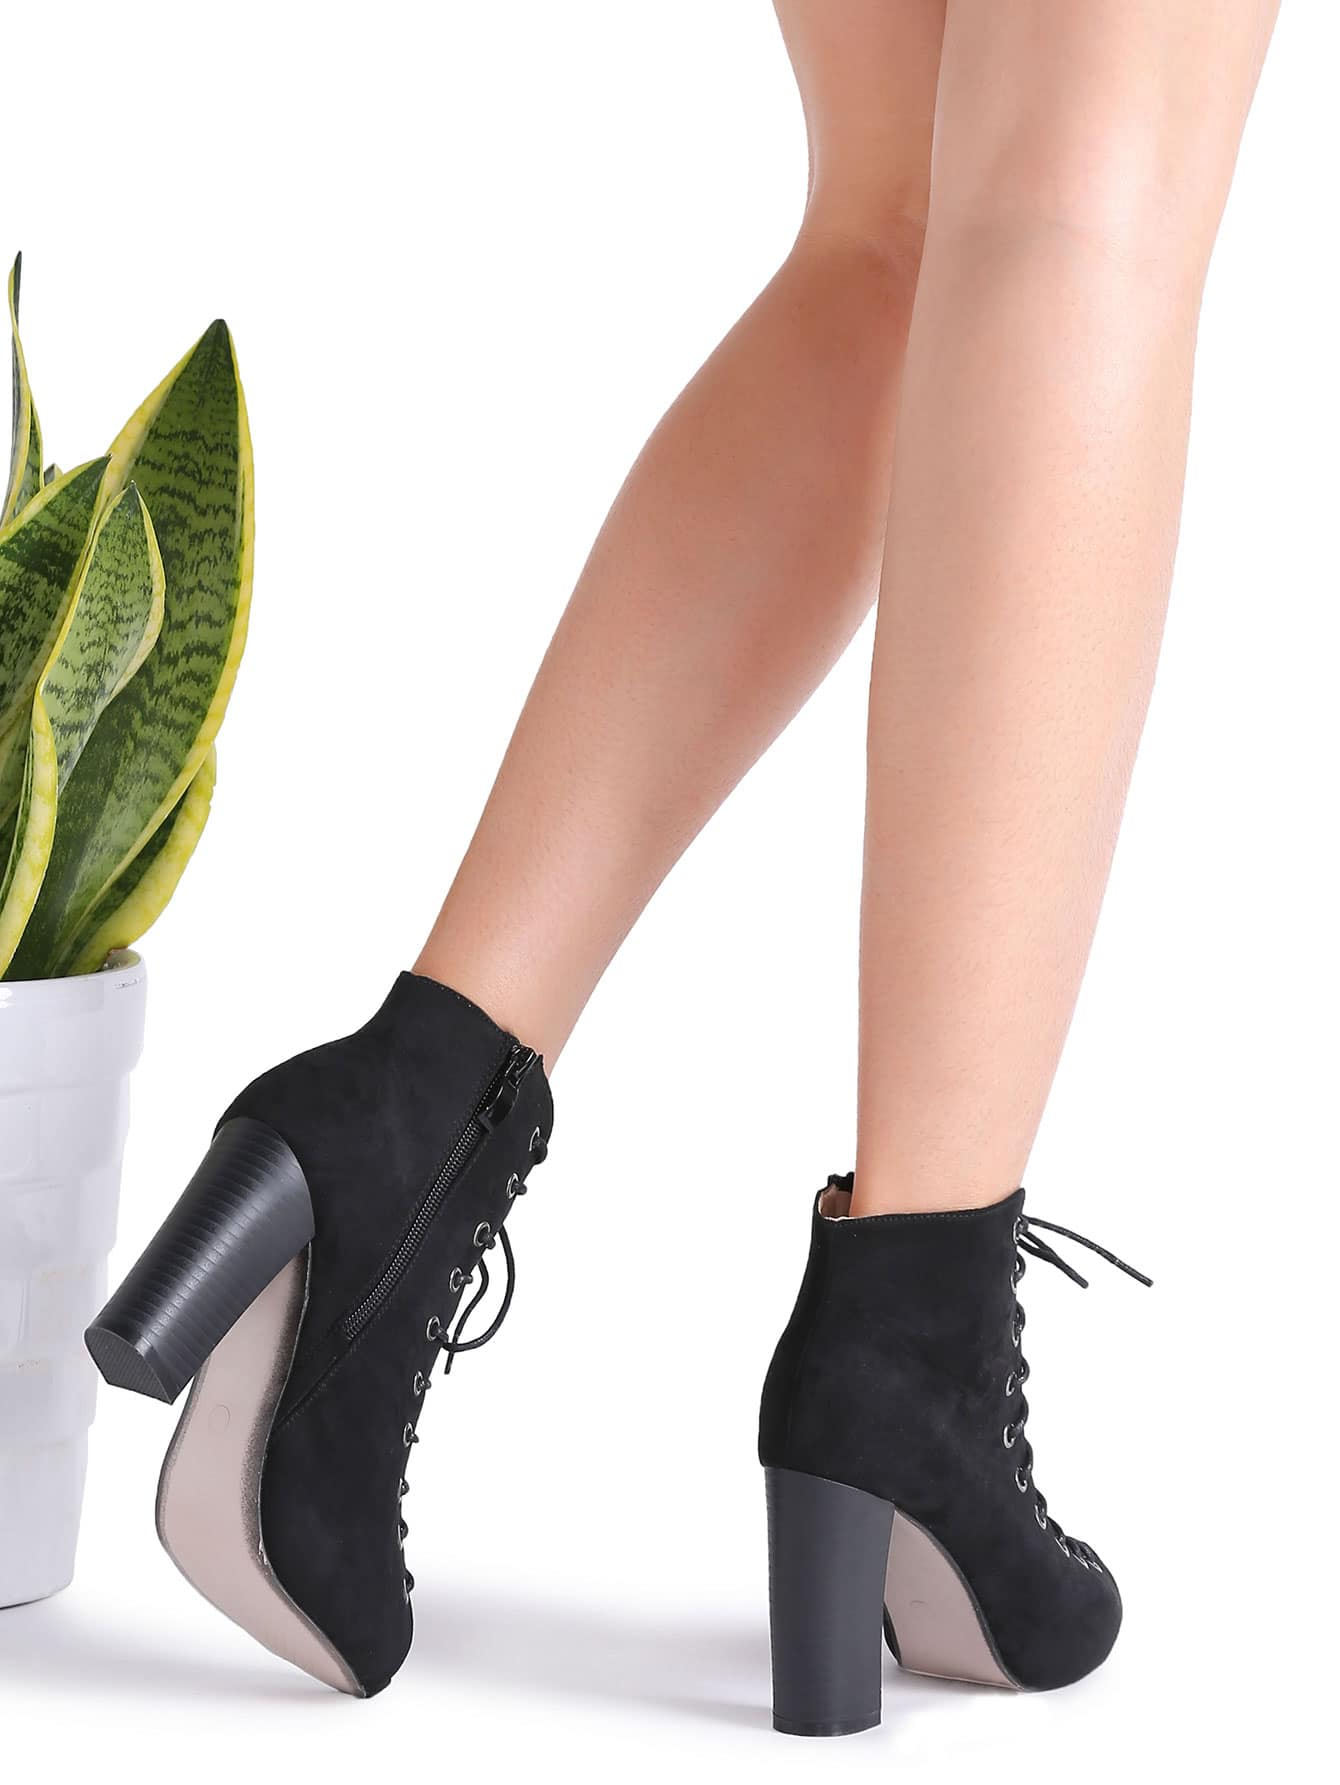 shoes170102806_2